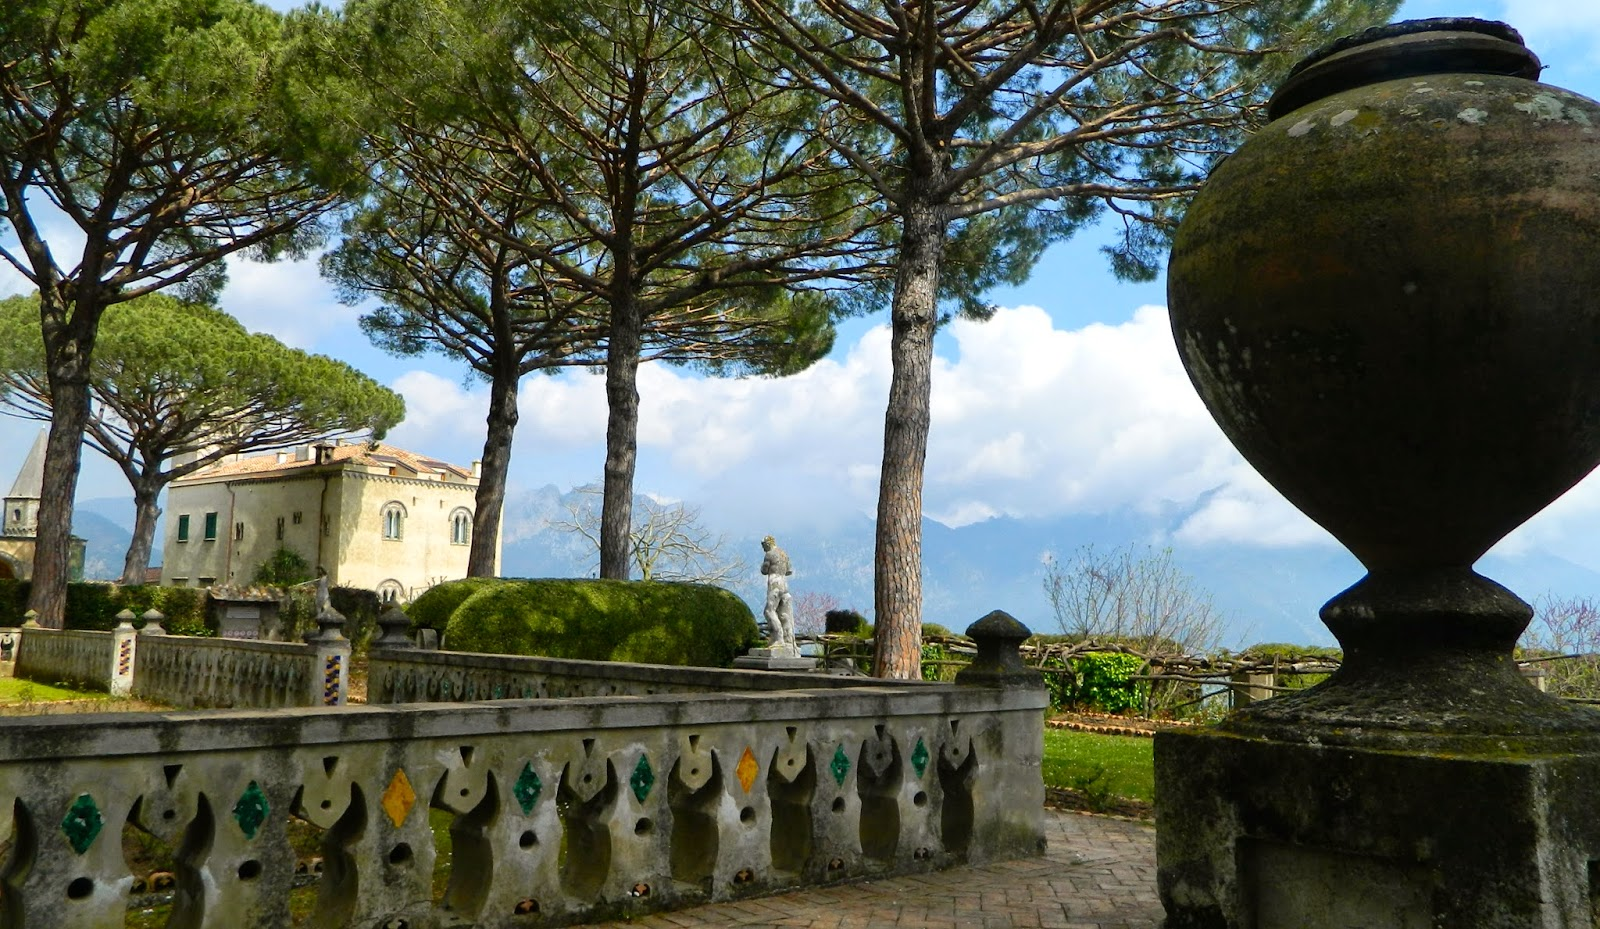 Gardenenvy Villa Cimbrone Rocks A View